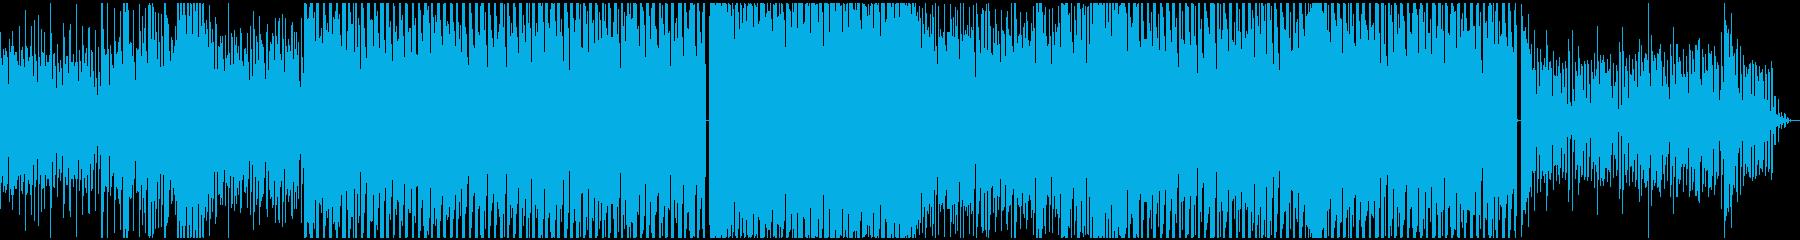 洋楽EDM風の情熱的な感じのゲーム音楽の再生済みの波形